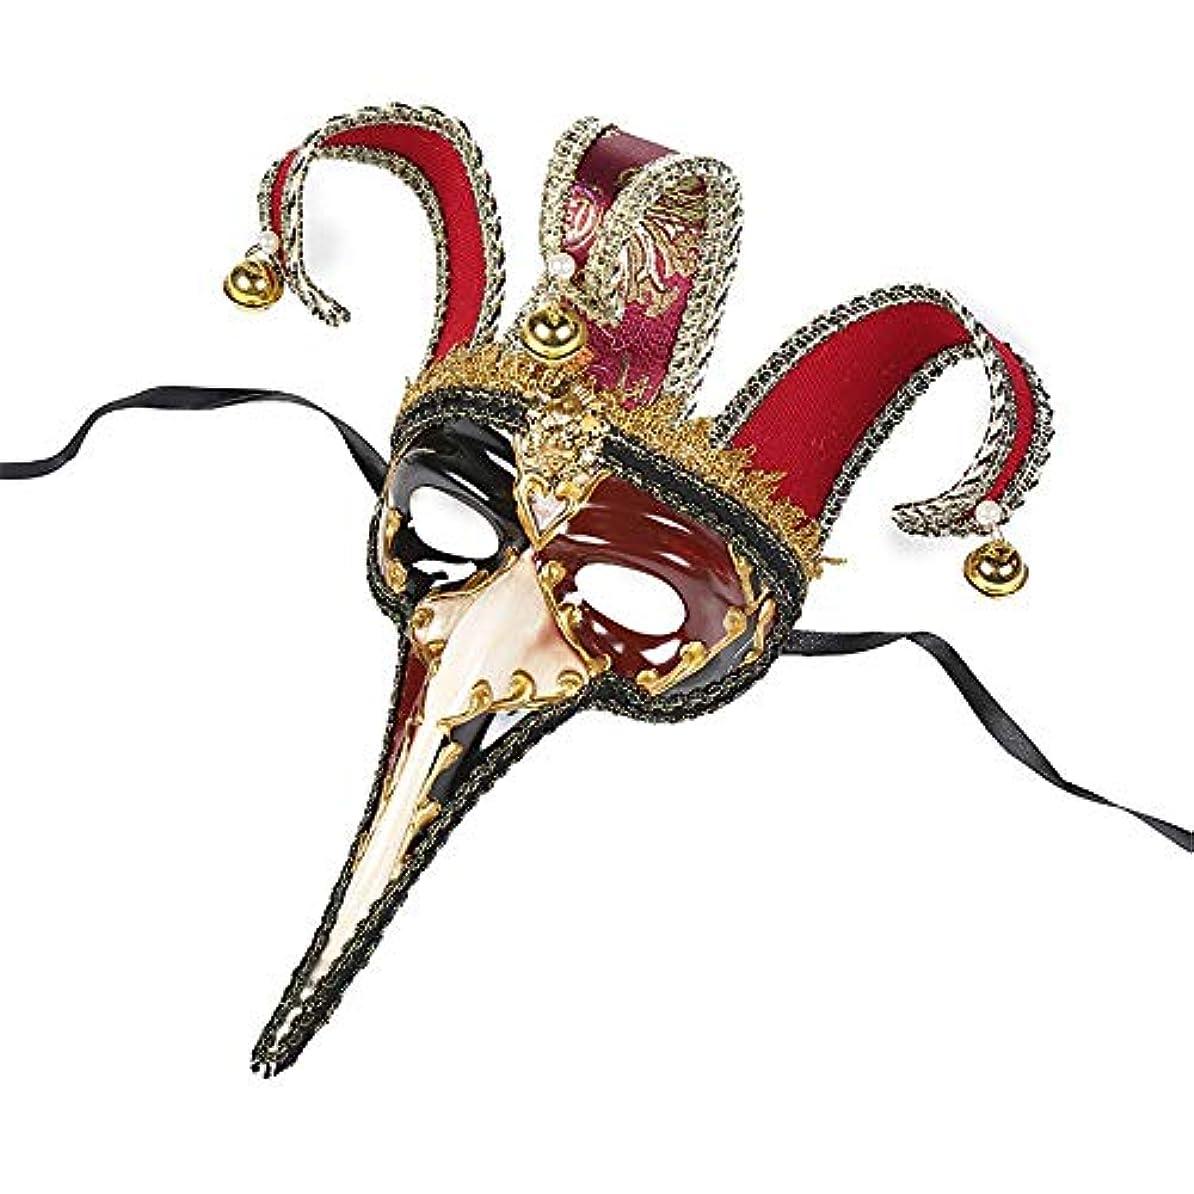 グラマー海嶺古くなったダンスマスク ハーフフェイス鼻フラミンゴハロウィーン仮装雰囲気クリスマスフェスティバルロールプレイングプラスチックマスク ホリデーパーティー用品 (色 : 赤, サイズ : 42x15cm)